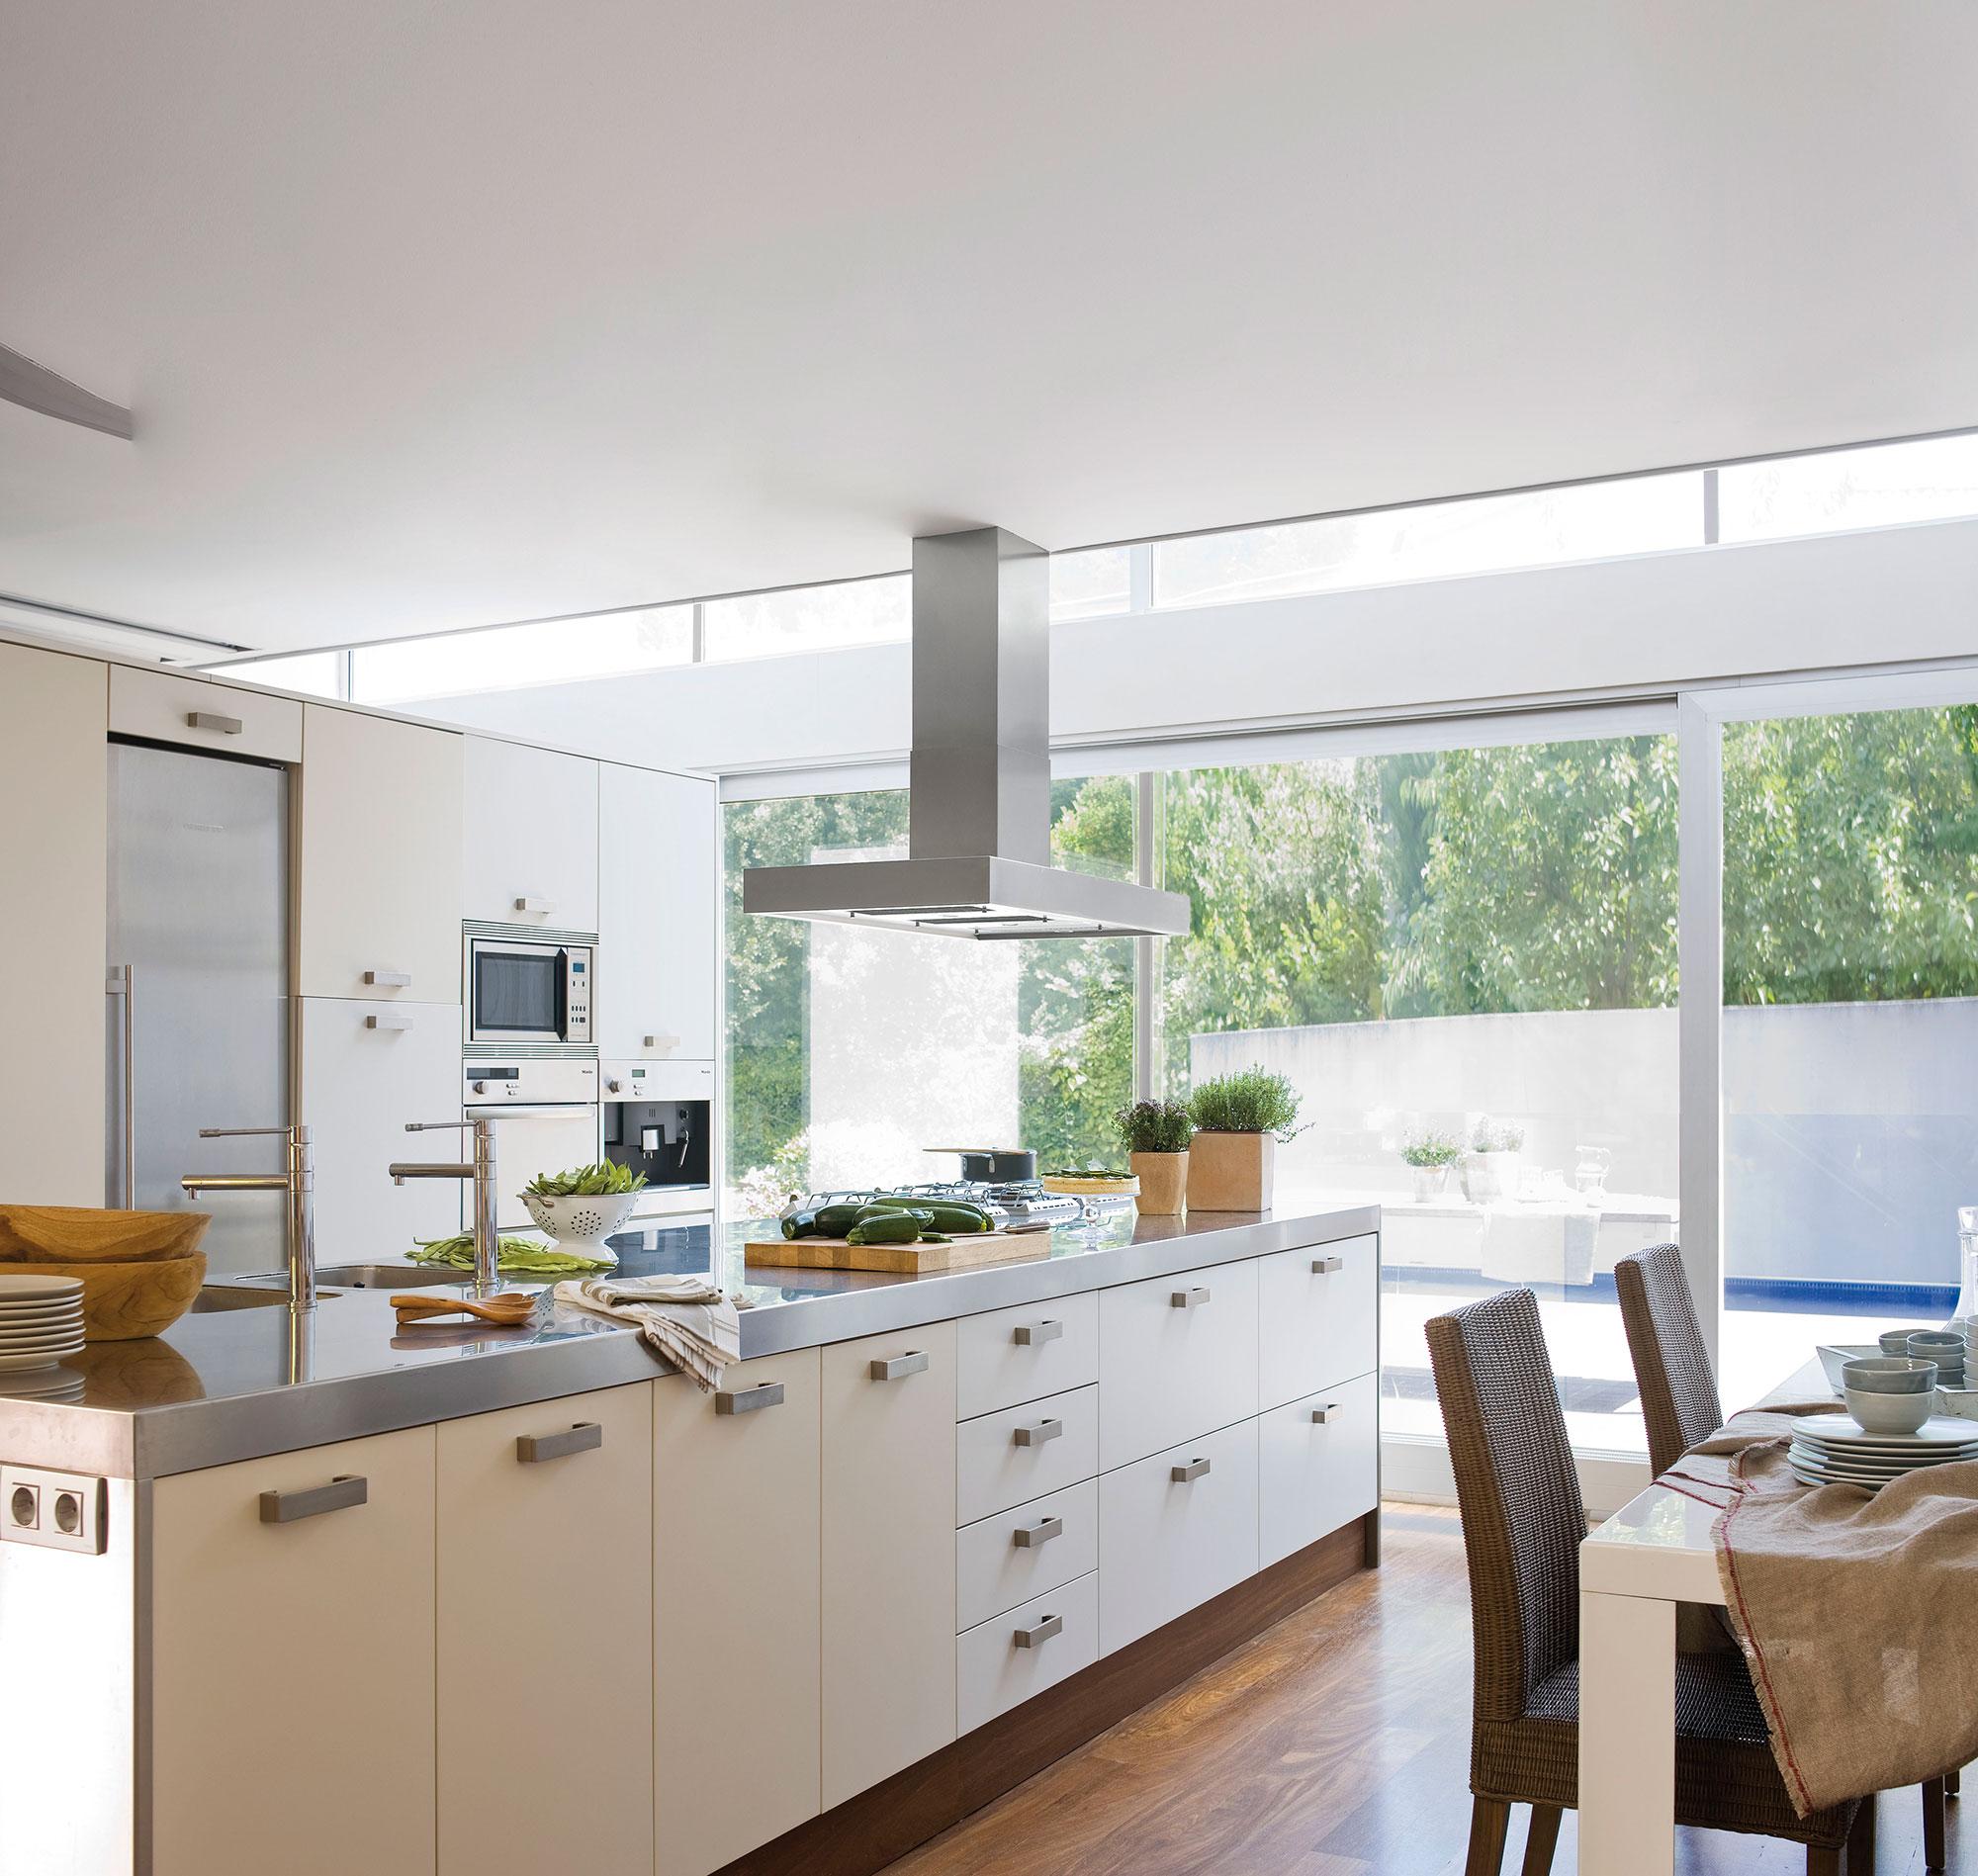 Cocinas decoradas en blanco cocinas blancas negras - Cocinas decoradas en blanco ...